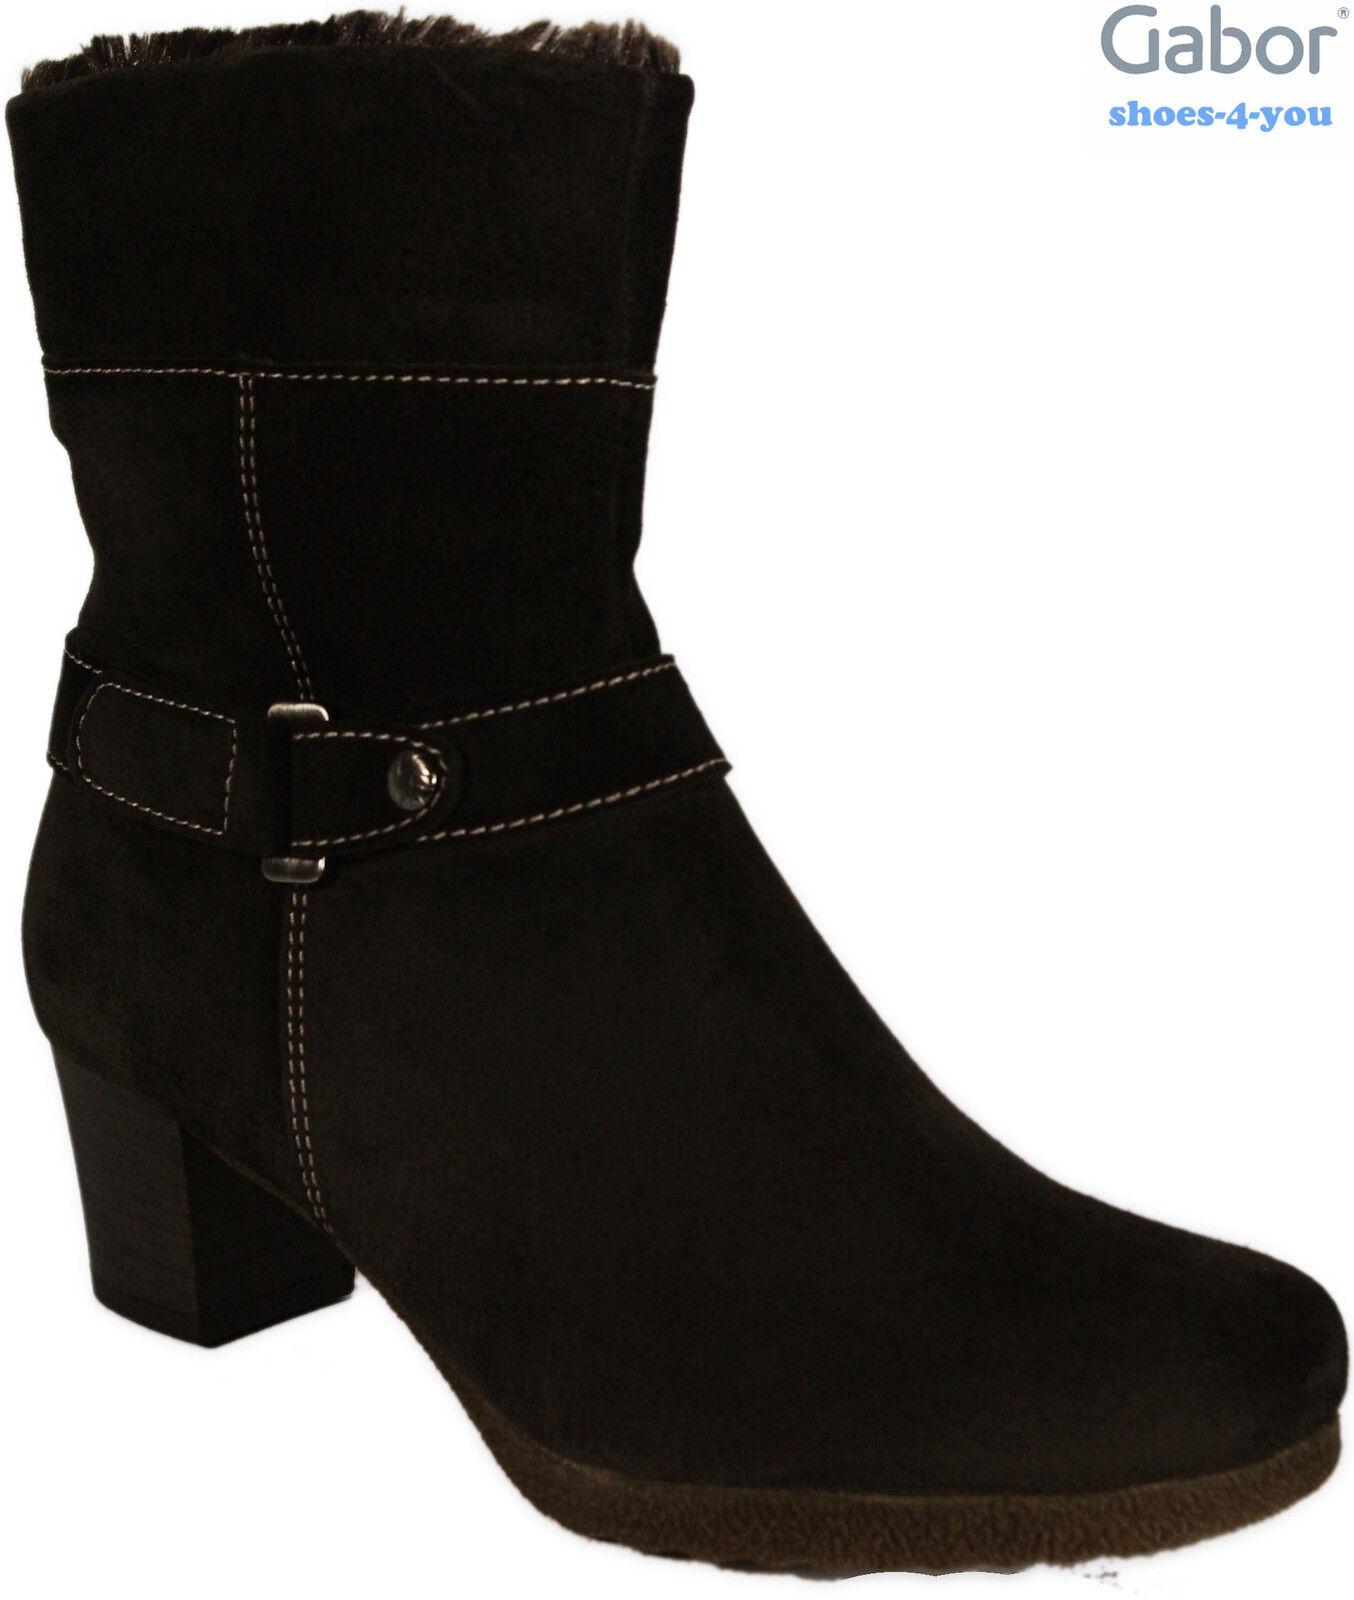 Gabor City botas de cuero genuino terciopelo marrón oscuro alimento caliente nuevo krempelschaft